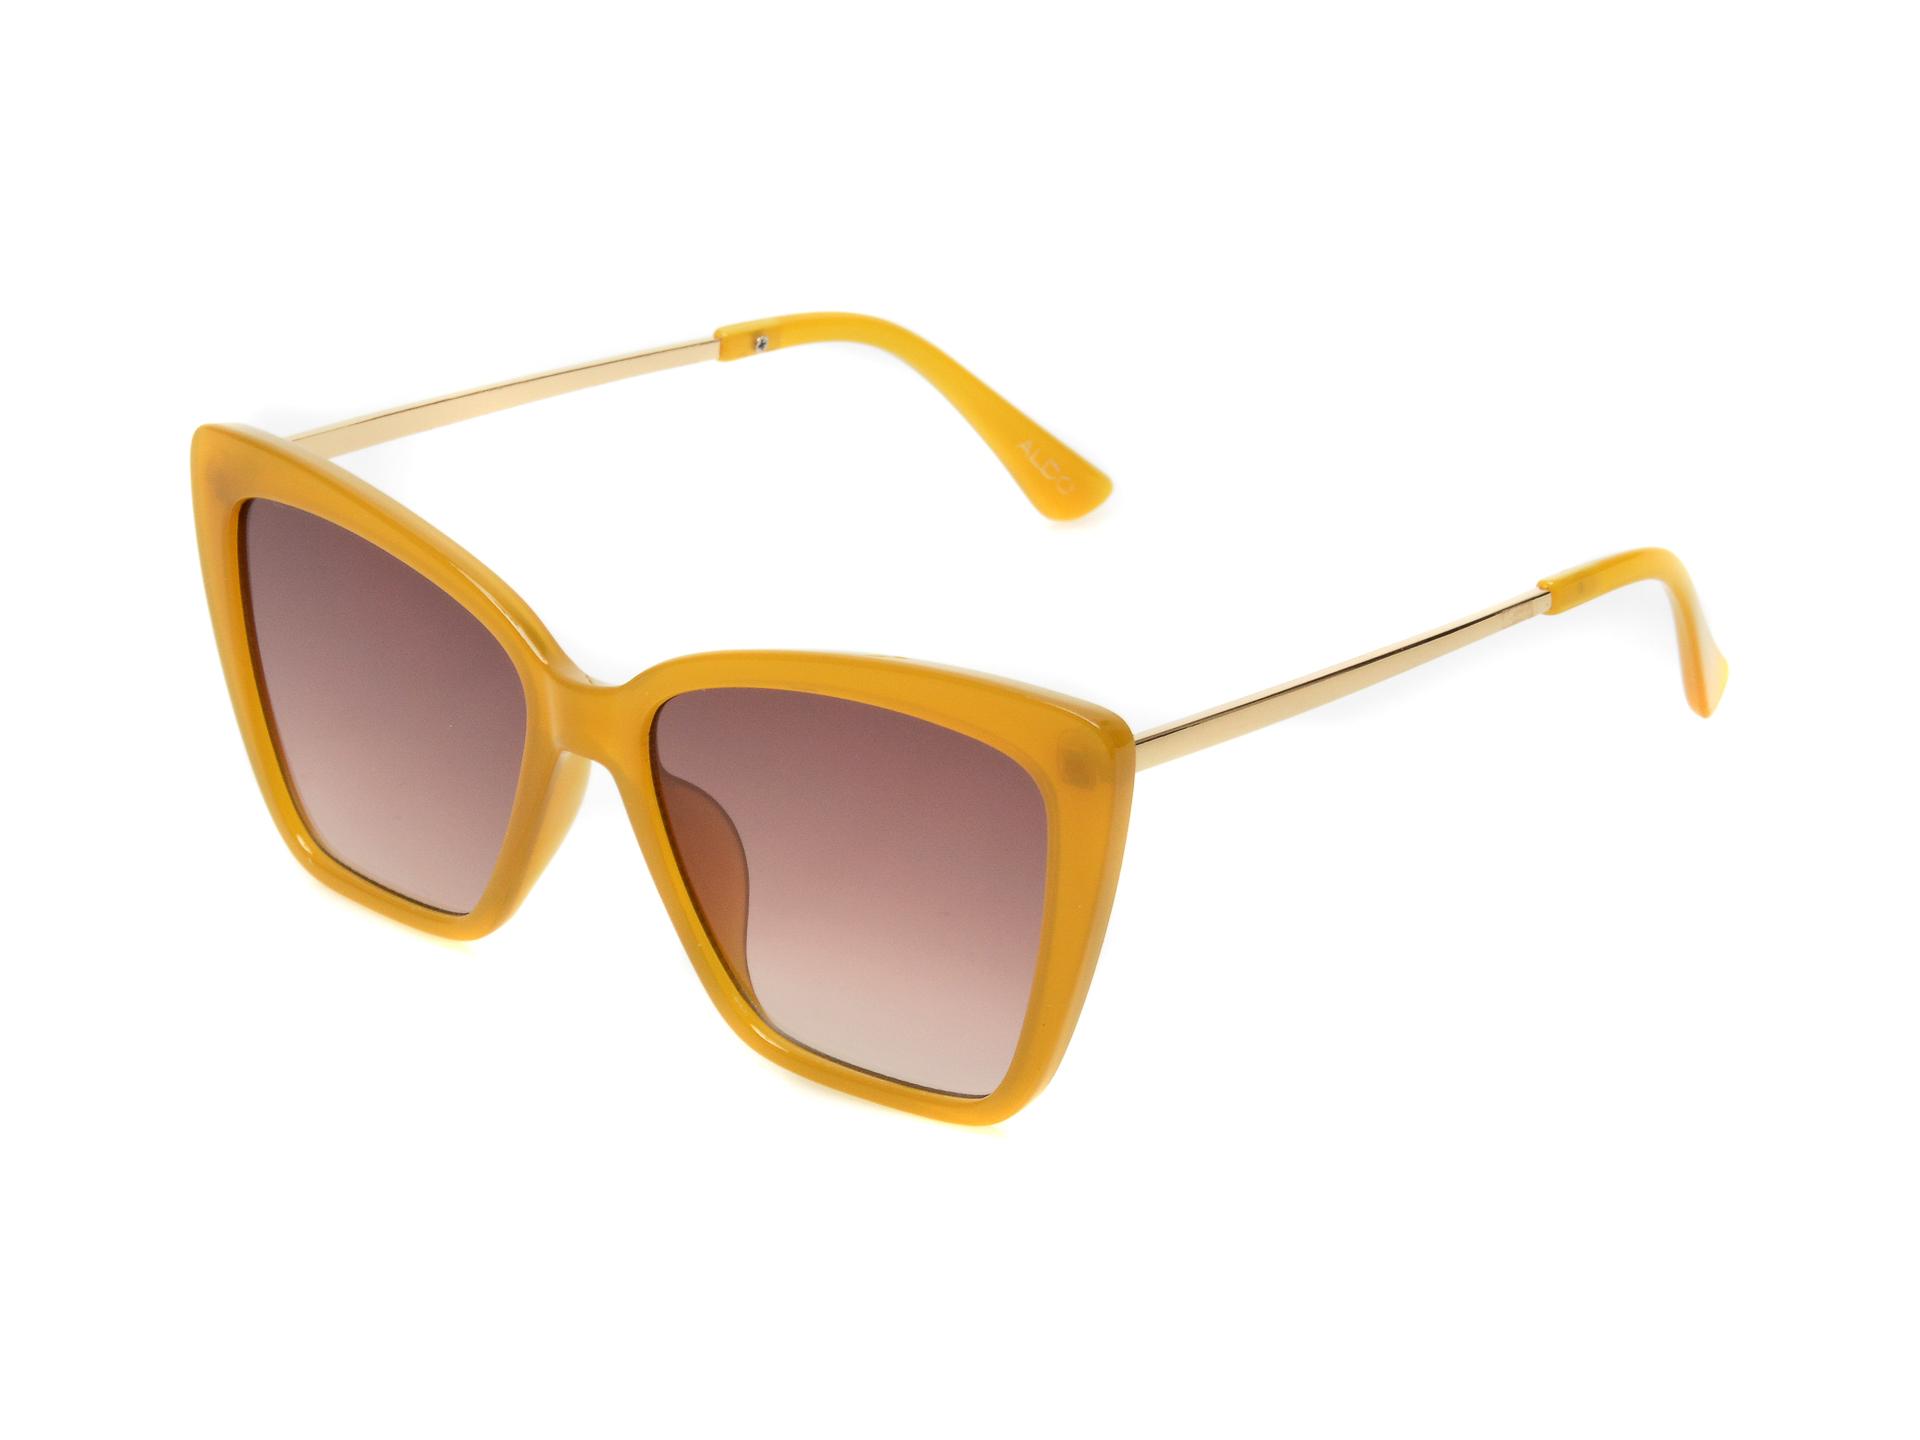 Ochelari de soare ALDO galbeni, 13087865, din pvc imagine otter.ro 2021